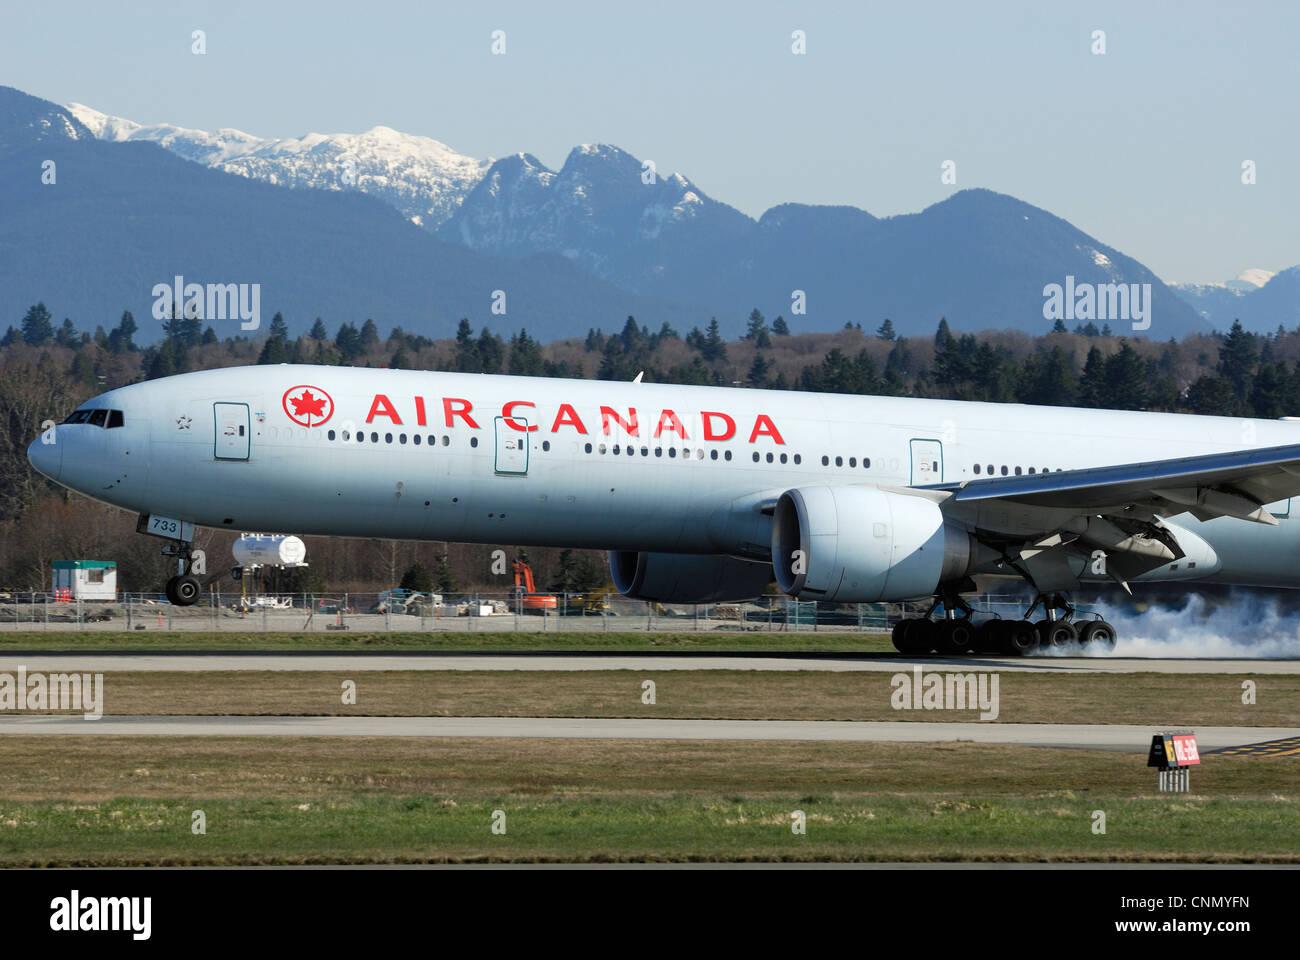 Air Canada C-FITW Boeing 777 (333/ER) avión comercial de aterrizar en el Aeropuerto Internacional de Vancouver. Imagen De Stock